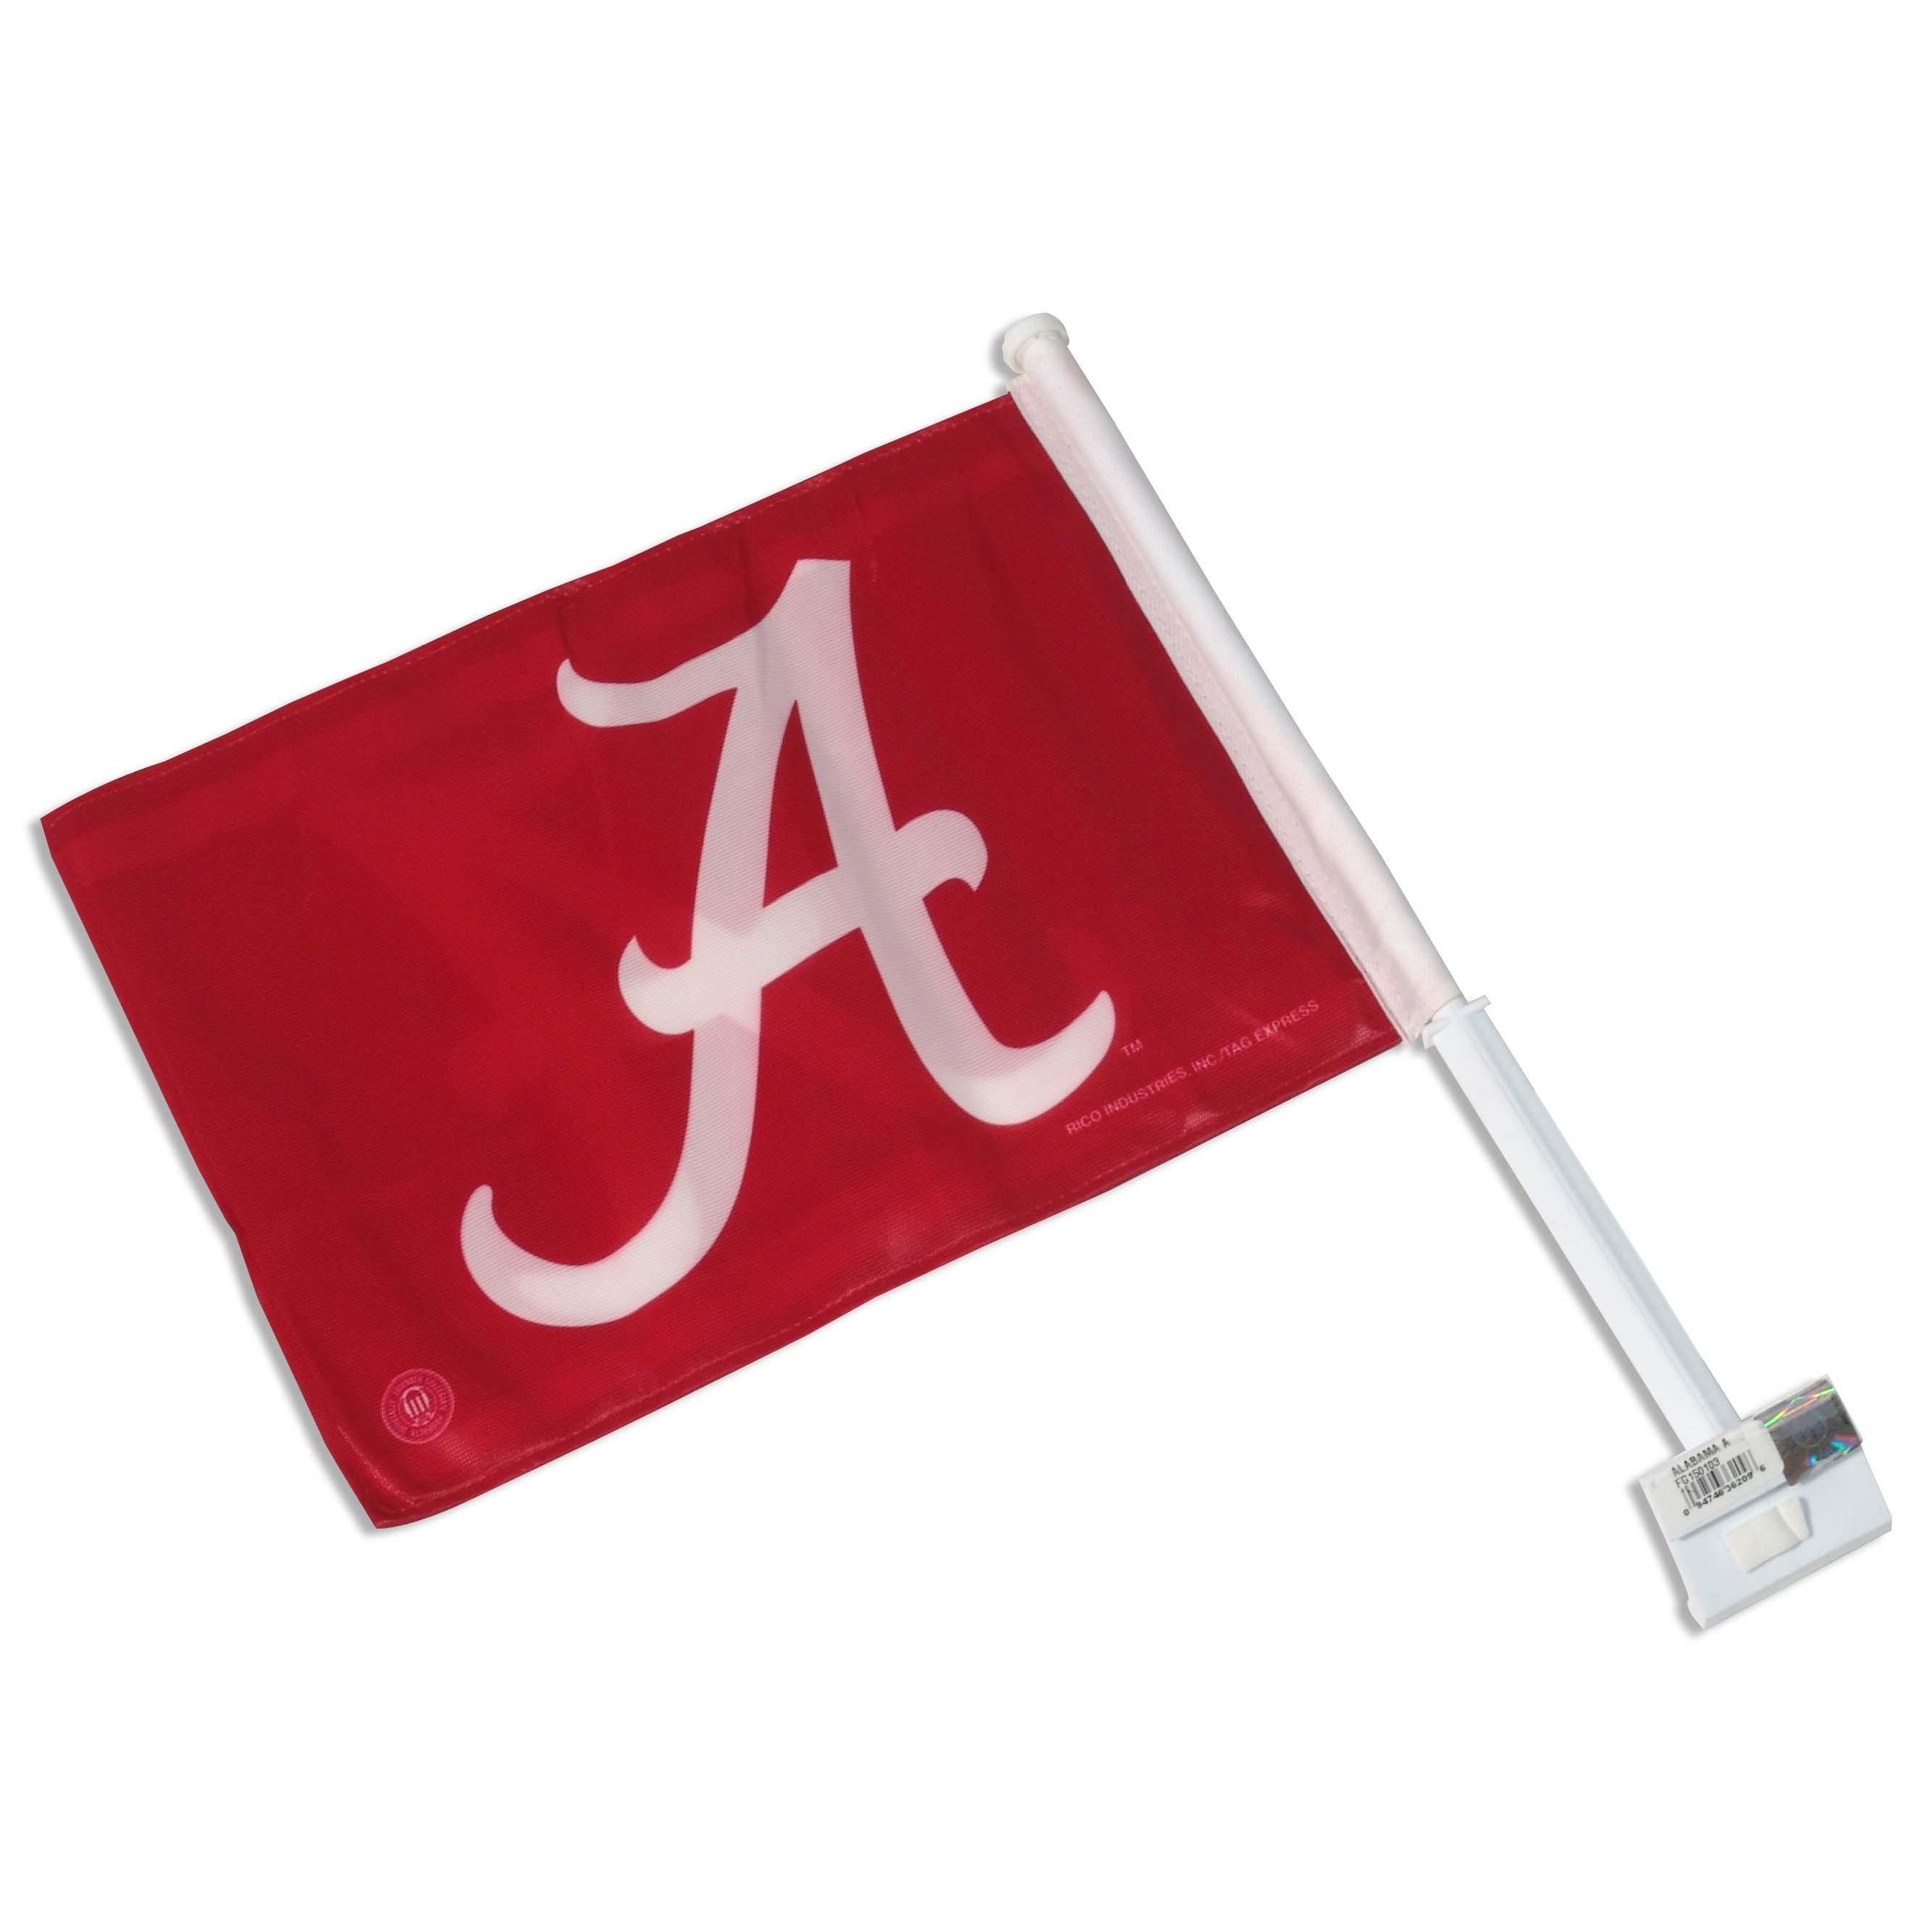 2668x2668 Alabama Crimson Tide Clip Art